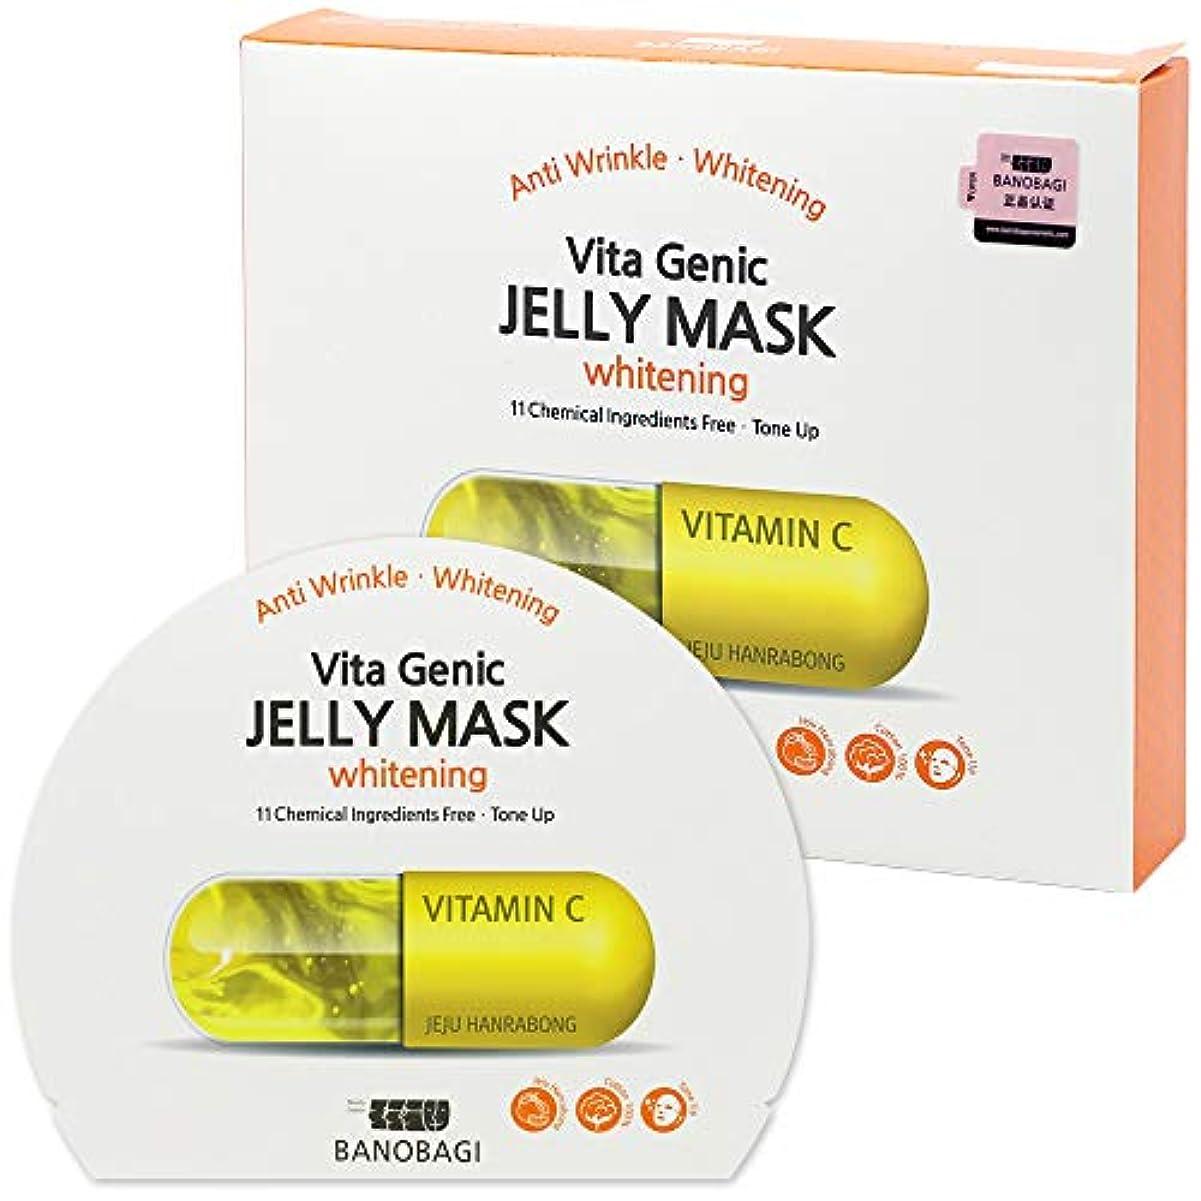 波紋遺伝的砲兵バナバギ[BANOBAGI] ヴィータジェニックゼリーマスク★ホワイトニング(黄色)30mlx10P / Vita Genic Jelly Mask (Whitening-Yellow)